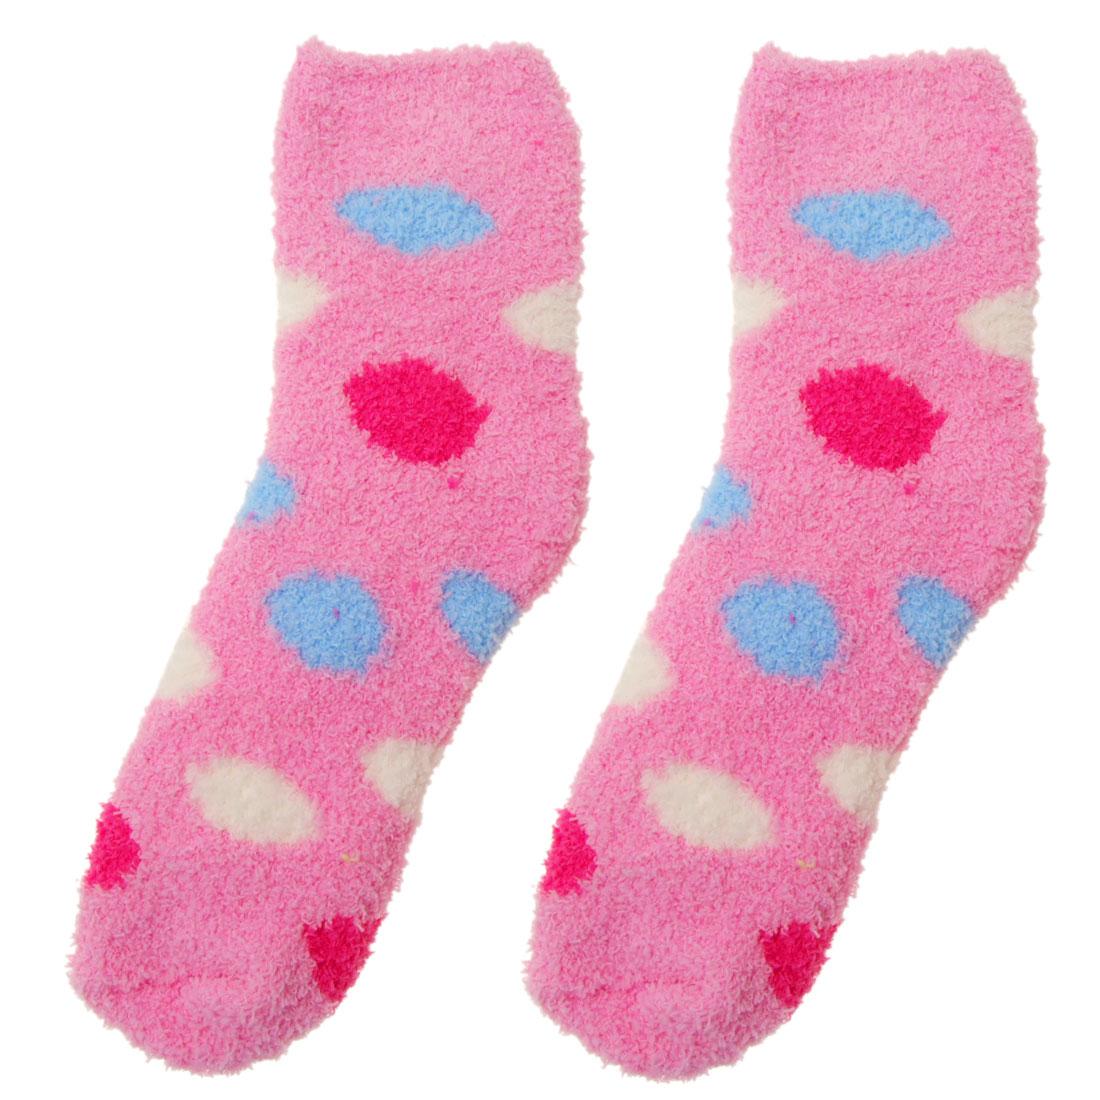 Soft & Cosy Pink Girl's Christmas X'mas Socks